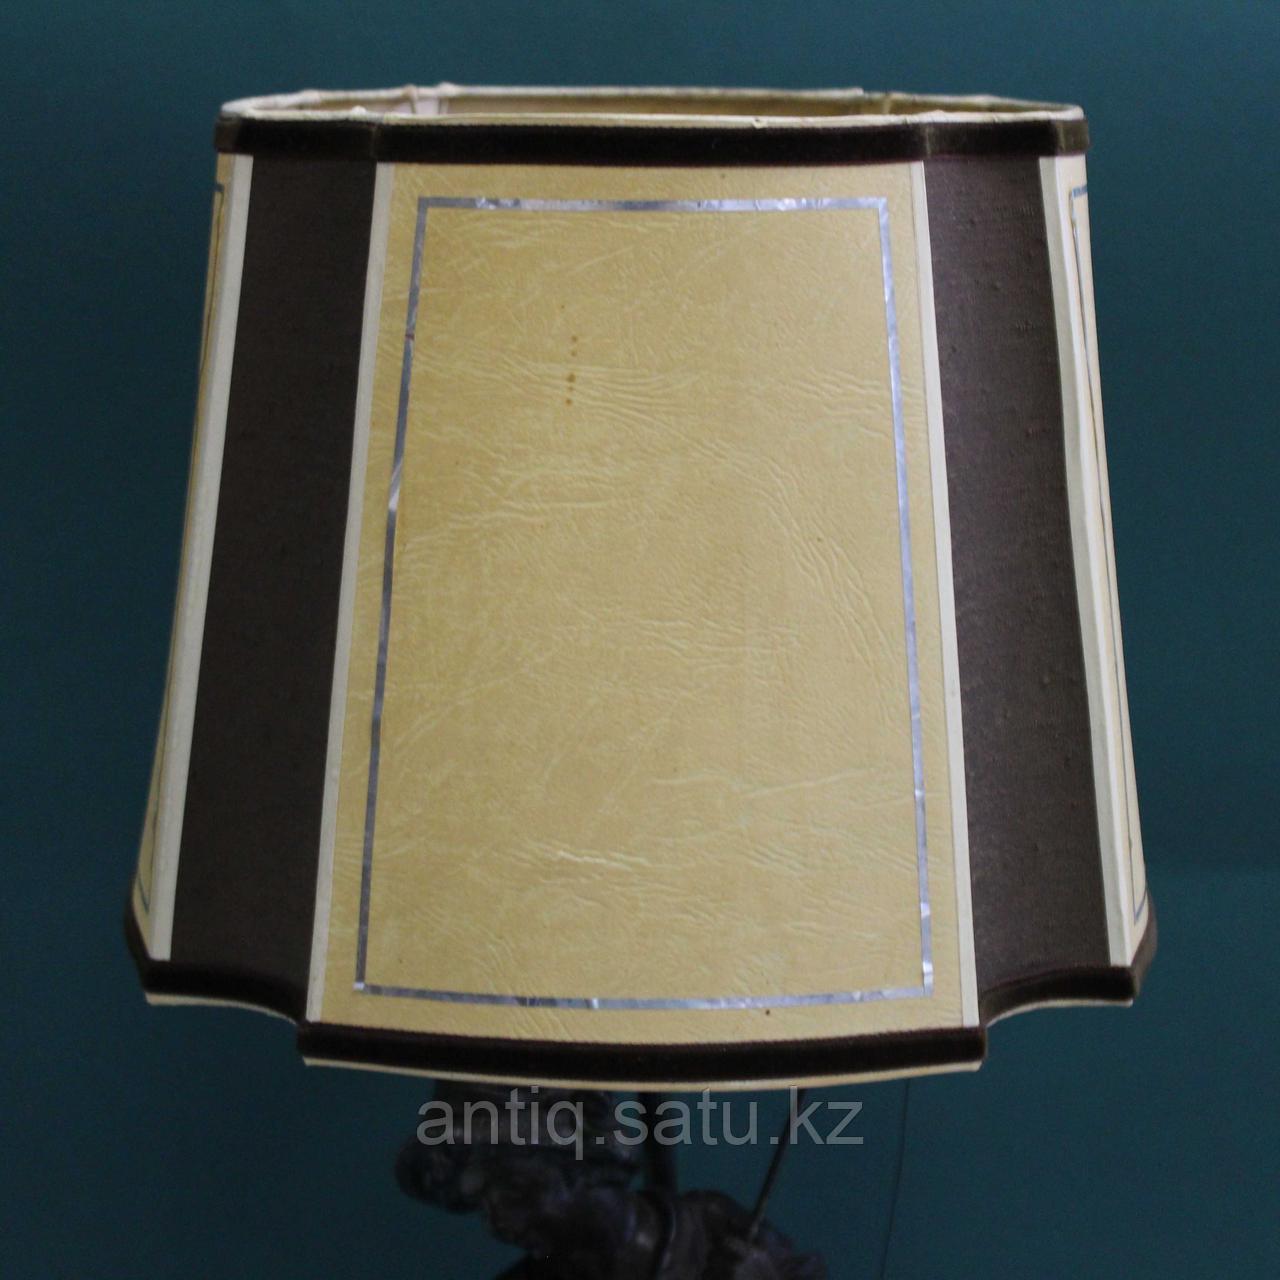 Настольная лампа по модели Франсуа Моро - фото 5